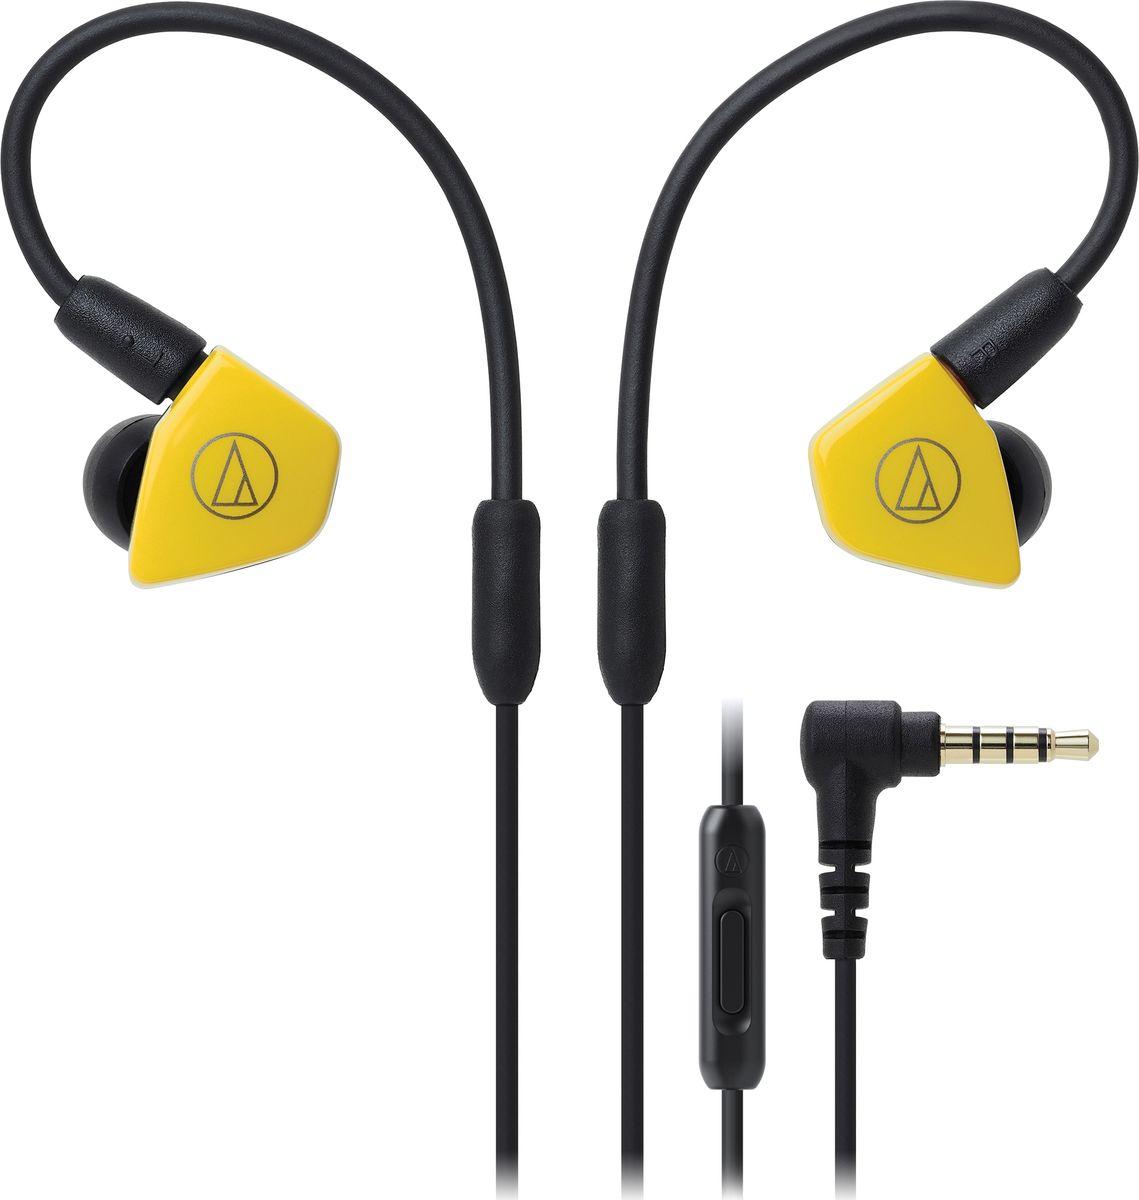 Audio-Technica ATH-LS50IS, Yellow наушники15119538Внутриканальные наушники Audio-Technica ATH-LS50IS со сдвоенными излучателями обеспечат вам действительно живое концертное звучание, как будто вы находитесь в первом ряду. Сдвоенные драйверы располагаются в одном корпусе и работают синфазно, тем самым уменьшая деформацию мембраны и обеспечивая сбалансированное звучание с мощным басом. Корпус модели выполнен из прочного ABS-пластика, что способствует снижению нежелательных резонансов.ATH-LS50iS оснащены съёмным кабелем с разъёмом A2DC, который снижает переходное затухание и улучшает разделение каналов. Кабель имеет микрофон и пульт управления, с помощью которого вы сможете управлять звонками и воспроизведением музыки. Гибкость кабеля с памятью формы позволит подобрать удобную посадку в ухе, что сказывается на фиксации наушника и комфорте ношения.8,8-мм сдвоенные излучателиСбалансированное звучание с мощным басом и отличной детальностьюГибкий съёмный кабель с памятью формыРазъём кабеля A2DCФункция гарнитурыКорпус из прочного ABS-пластикаАмбушюры четырёх размеров и чехол для хранения в комплекте